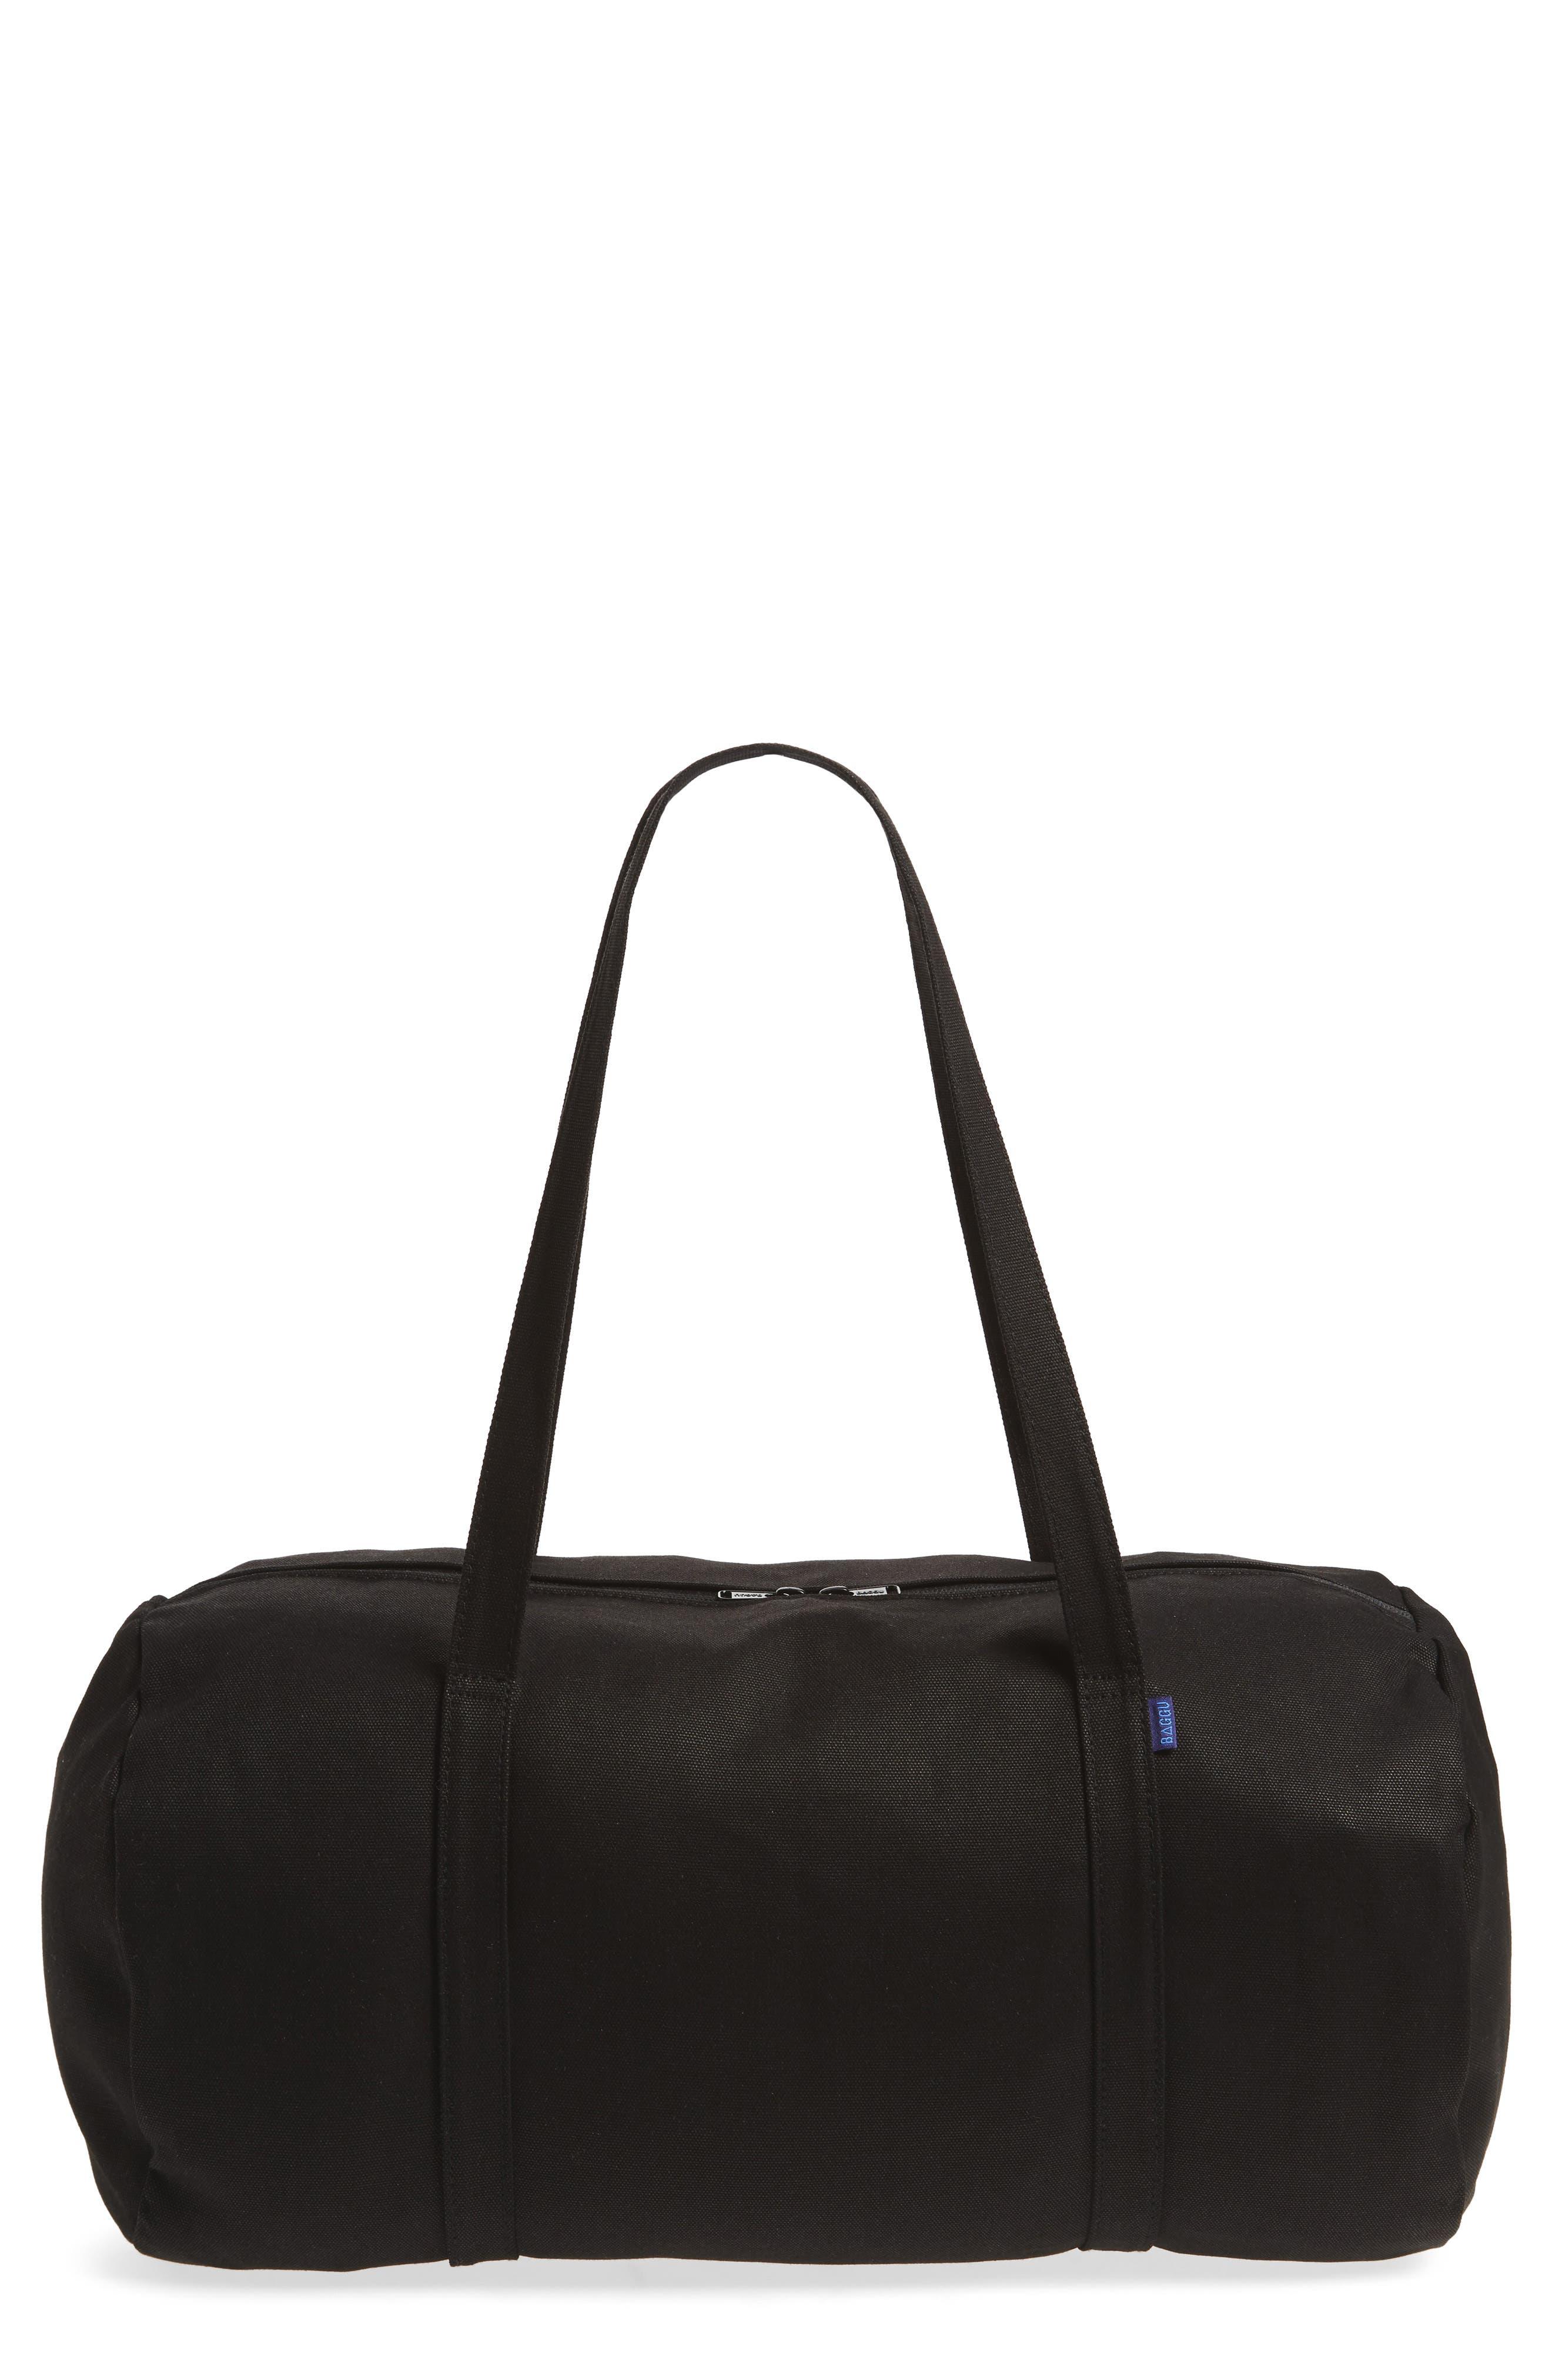 Canvas Duffel Bag,                         Main,                         color, Black